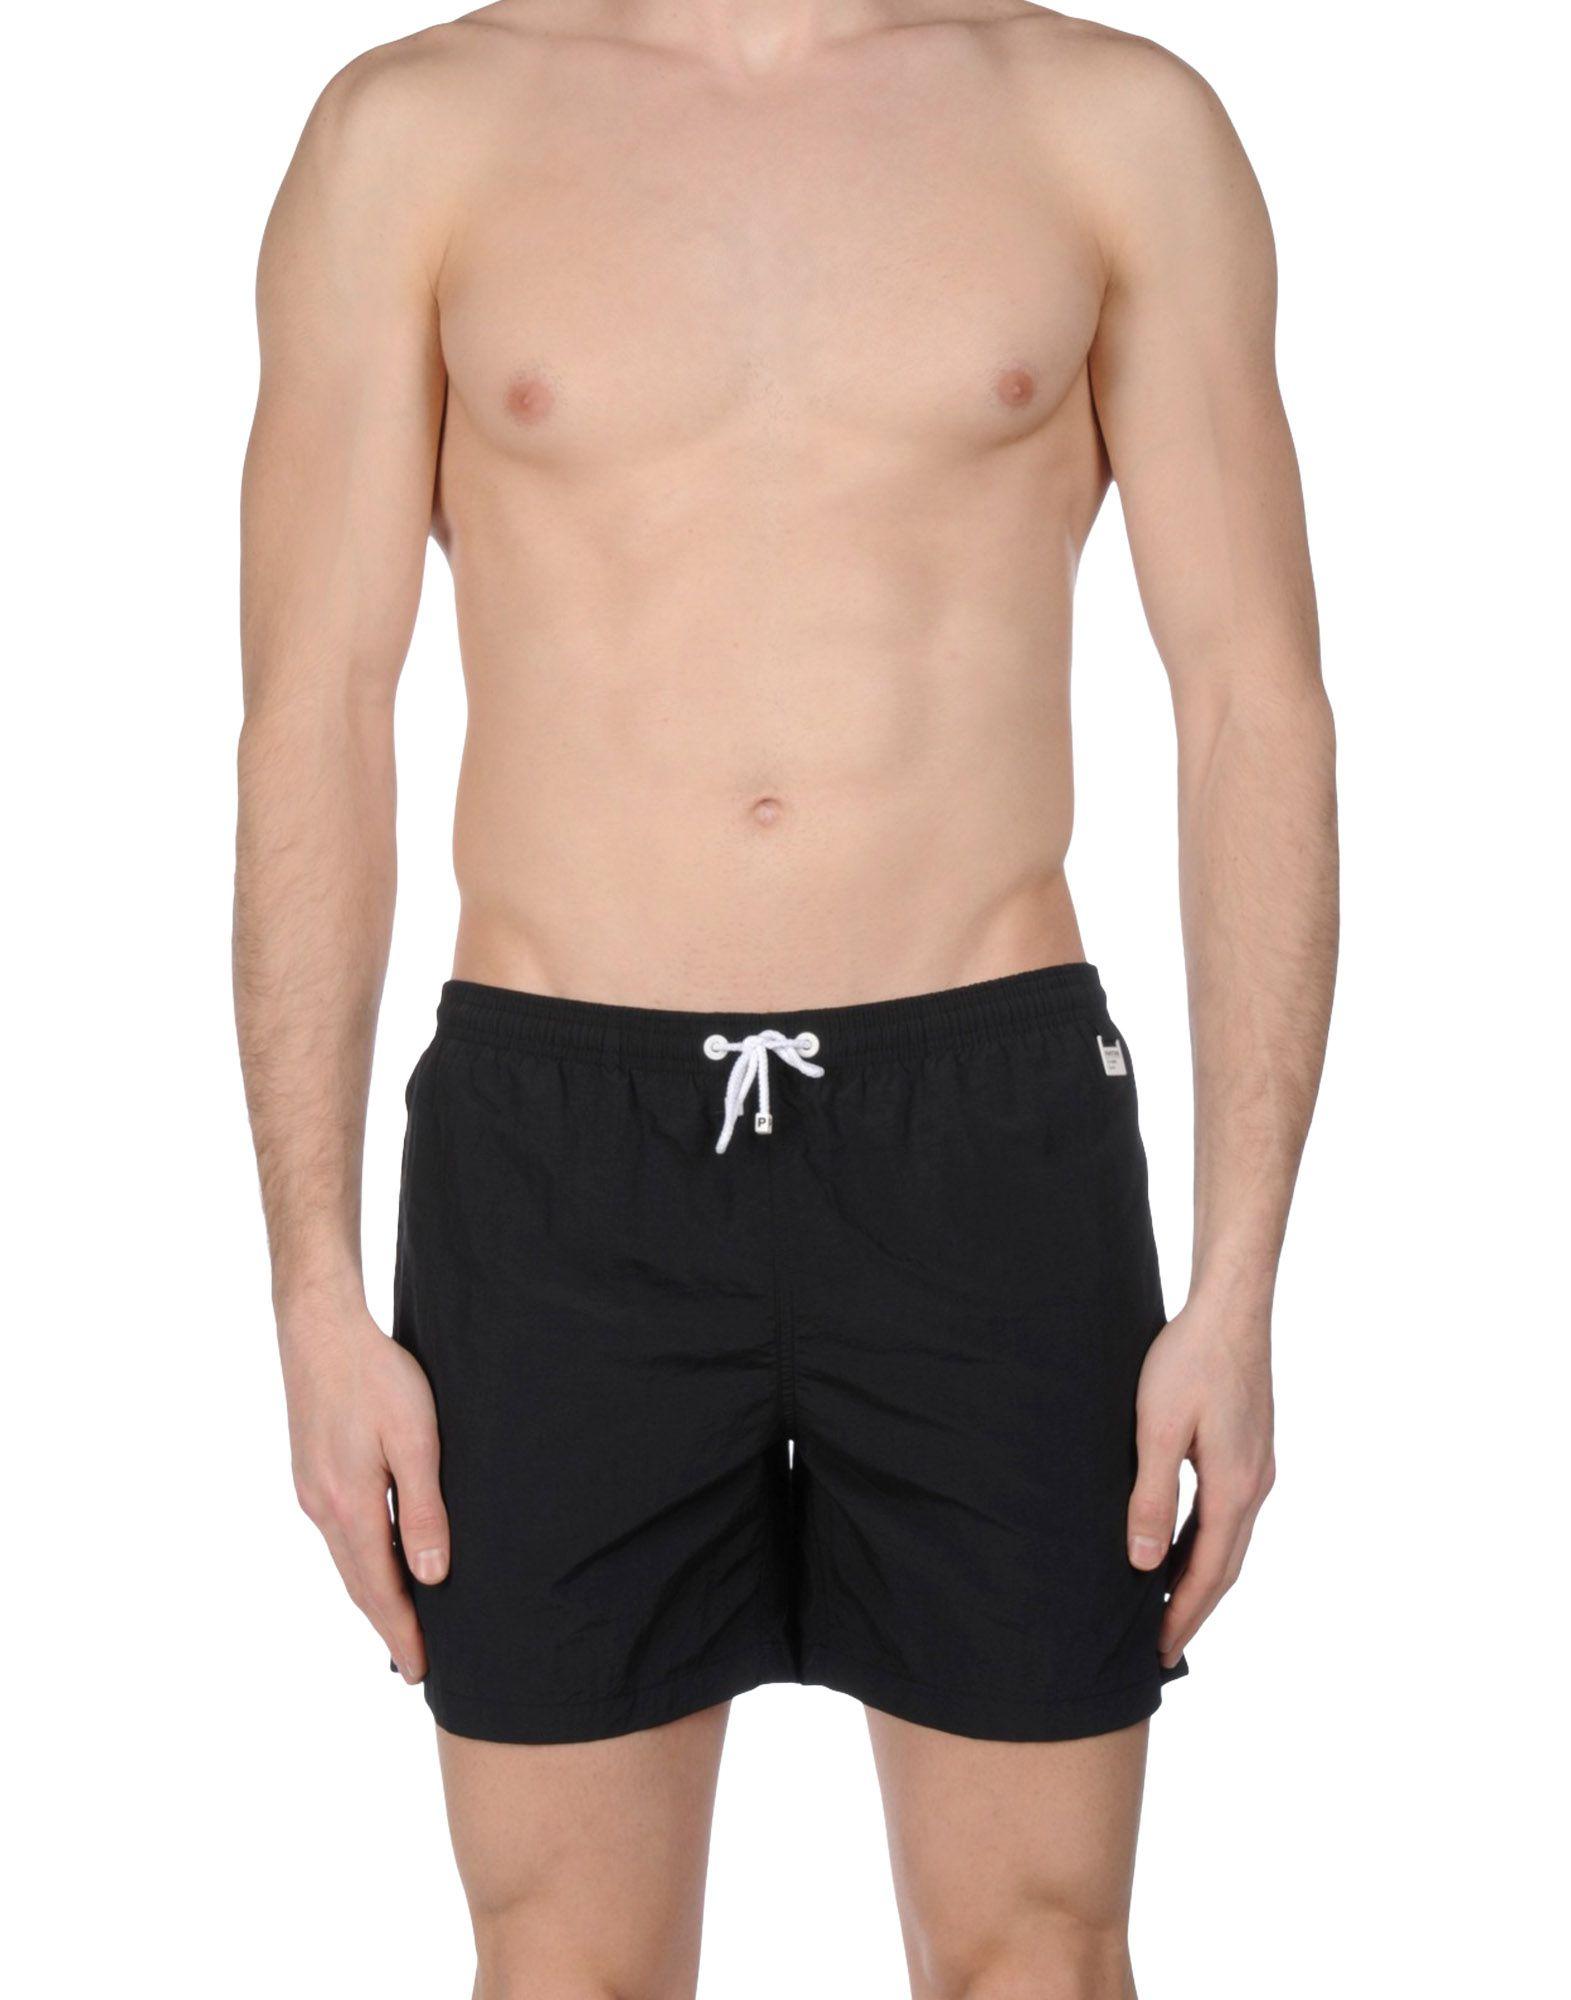 《送料無料》PANTONE UNIVERSE メンズ 水着(ボクサーパンツ) ブラック XL ナイロン 100%